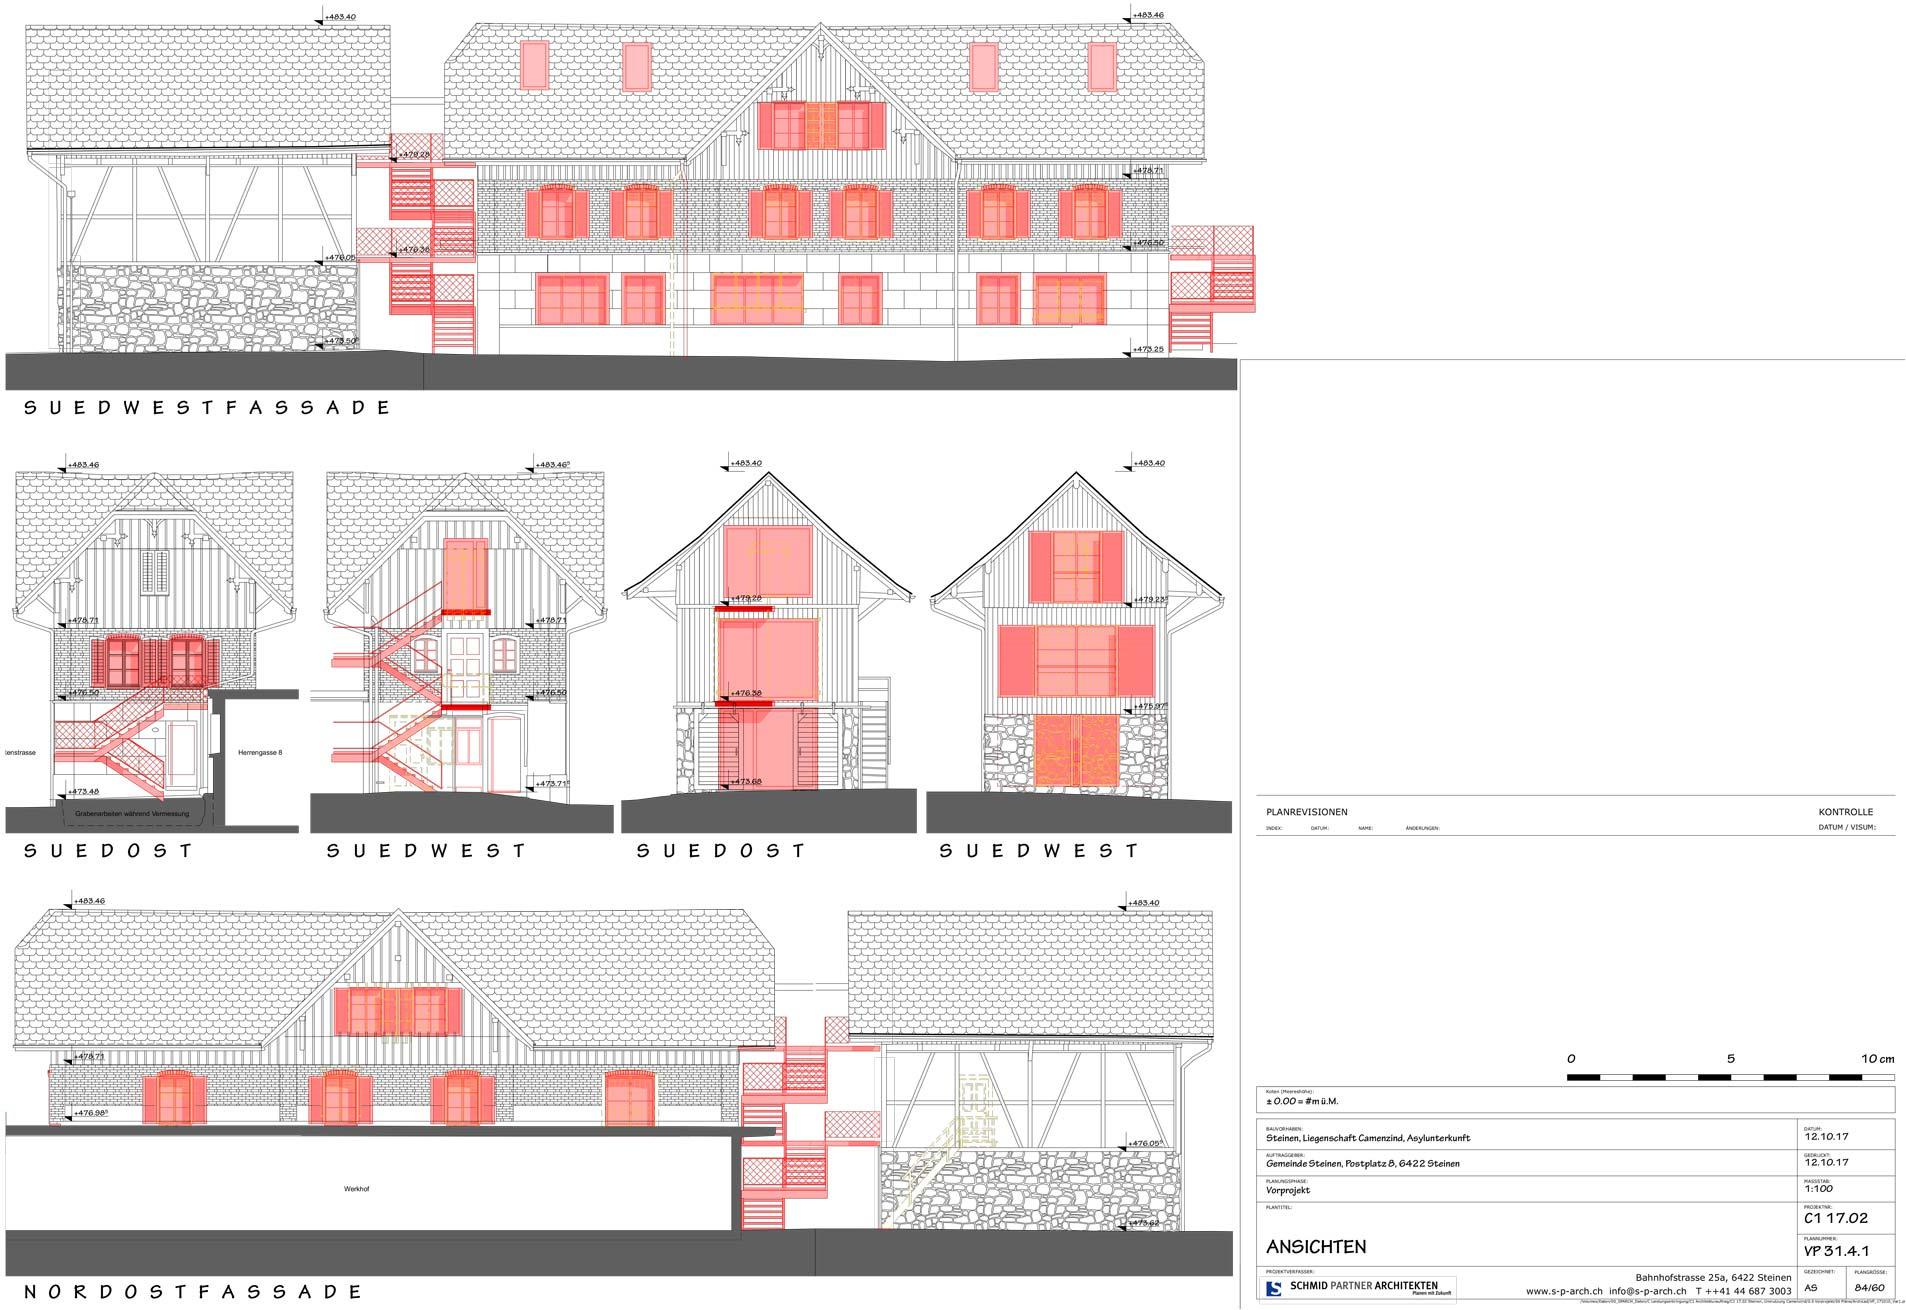 Schmid Partner Architekten Bauerneuerung VP 31.4.1 ANSICHTEN